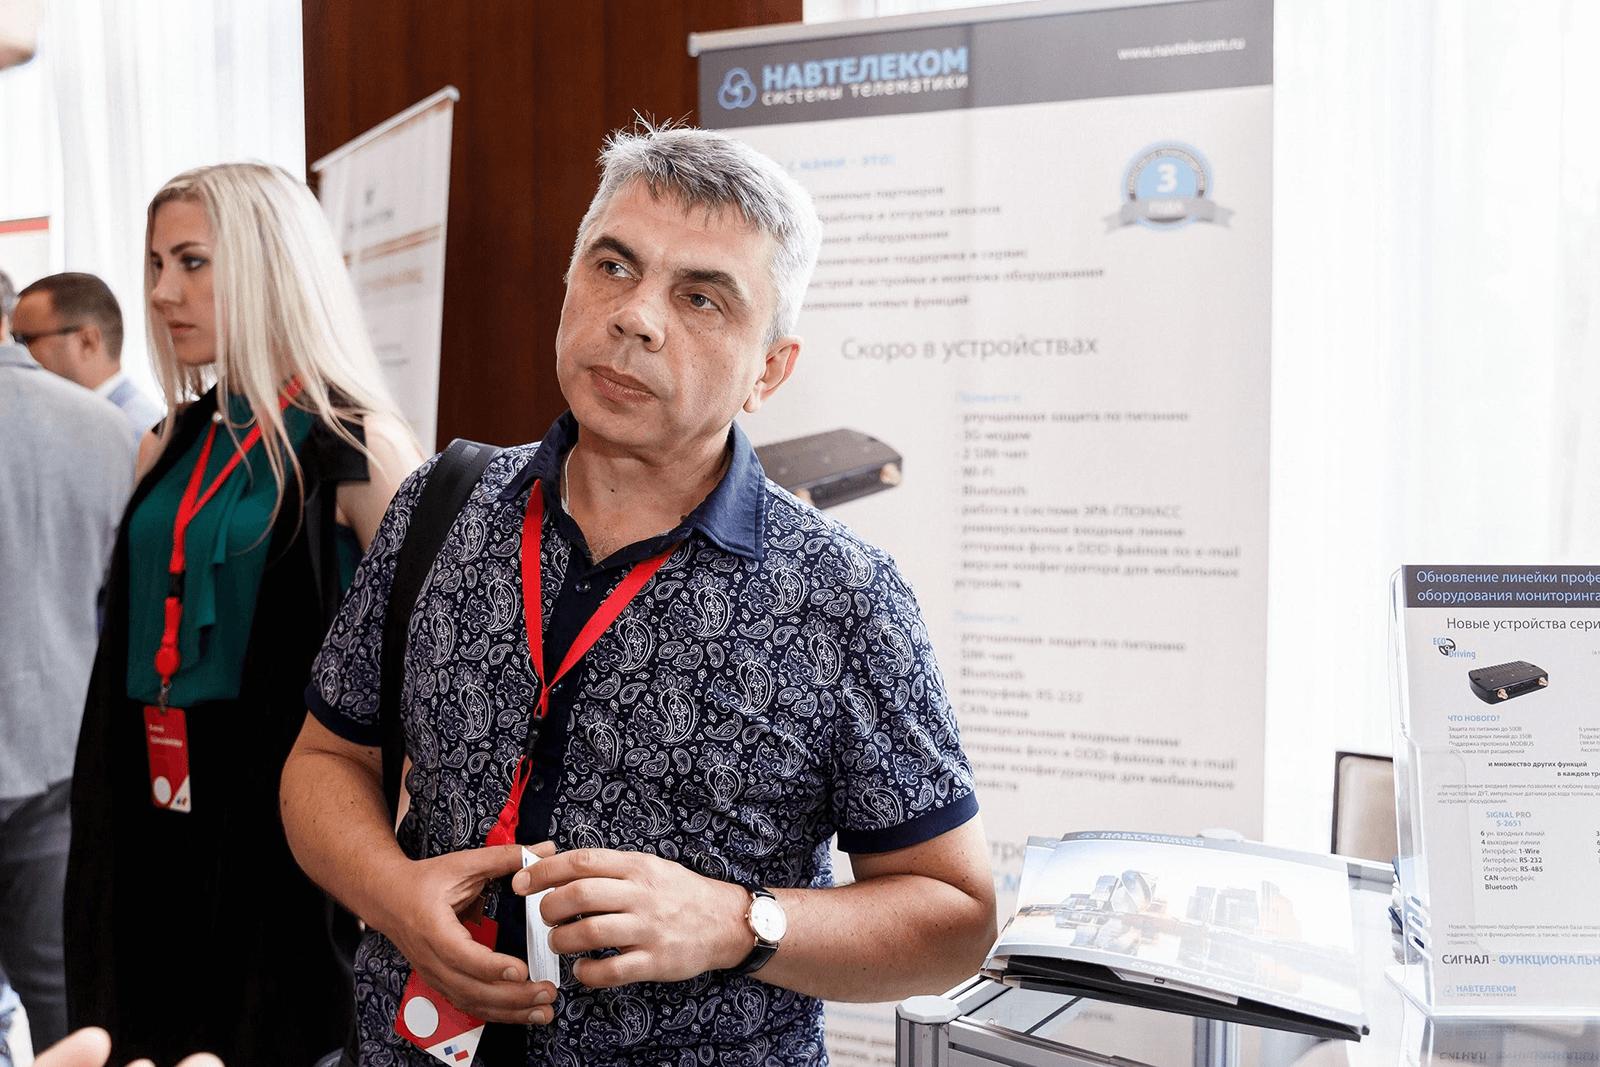 Навтелеком на TelematiX 2019